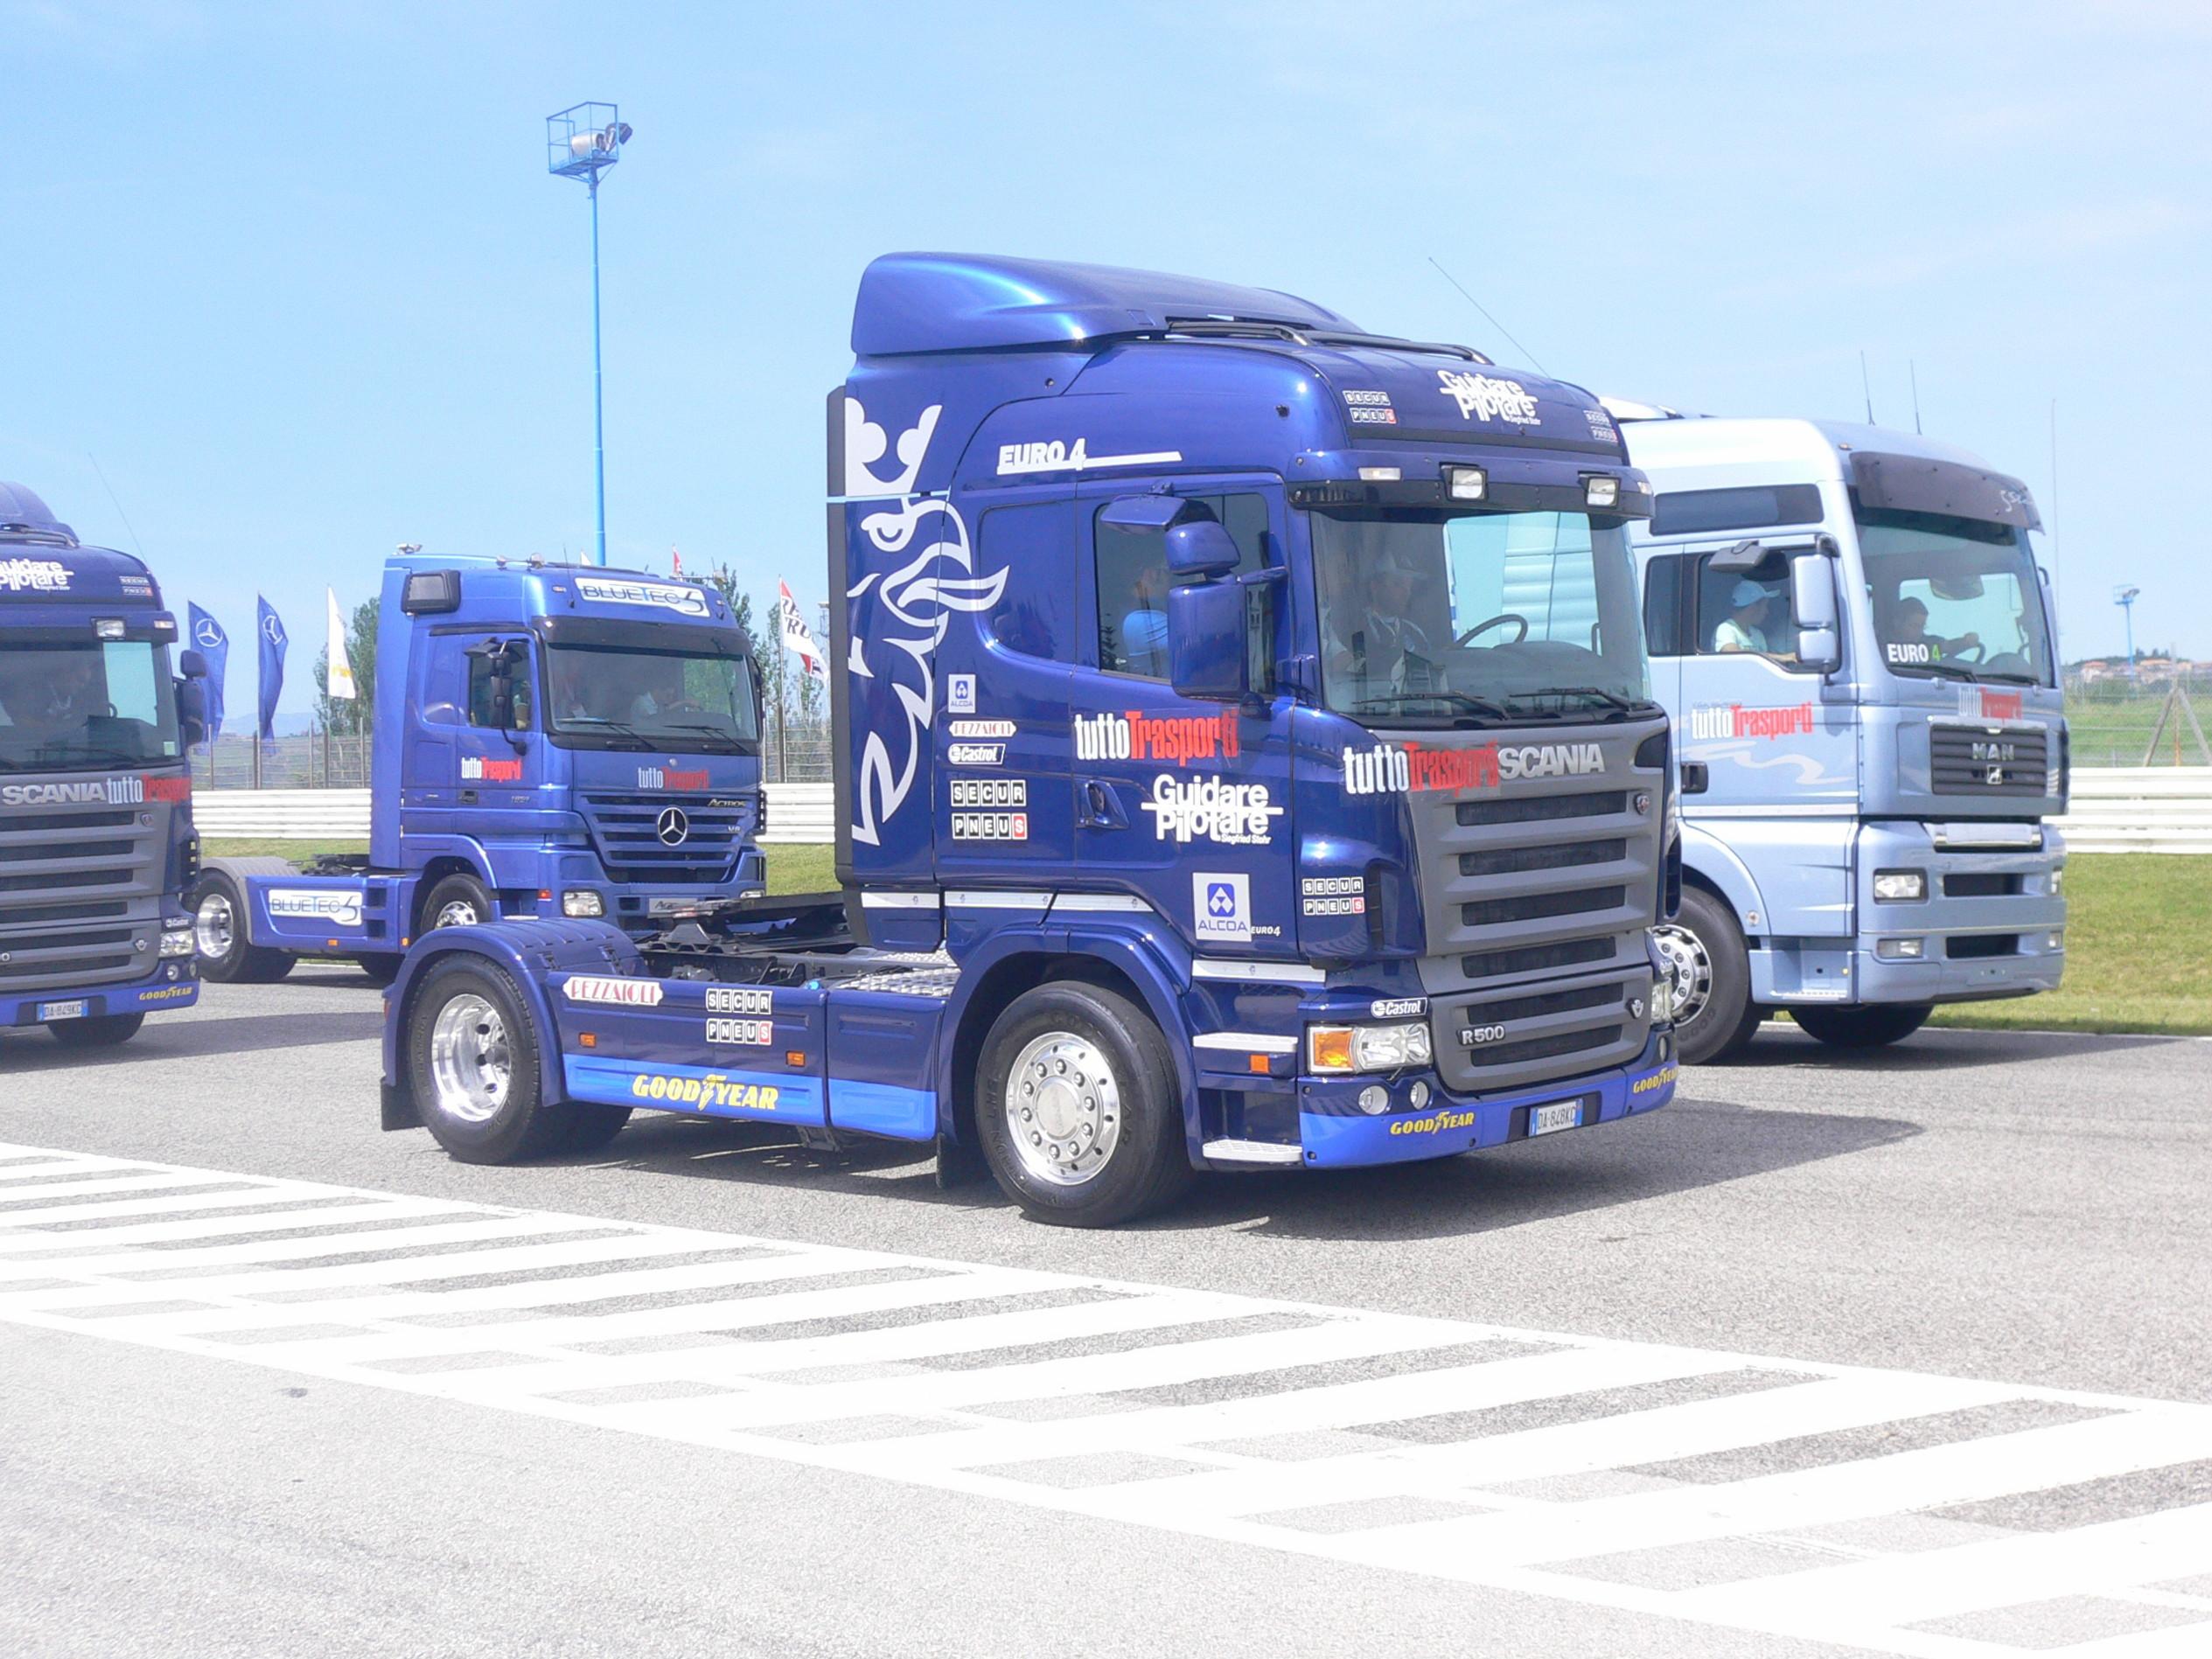 scania r 30 630 cv Scania_R_basso